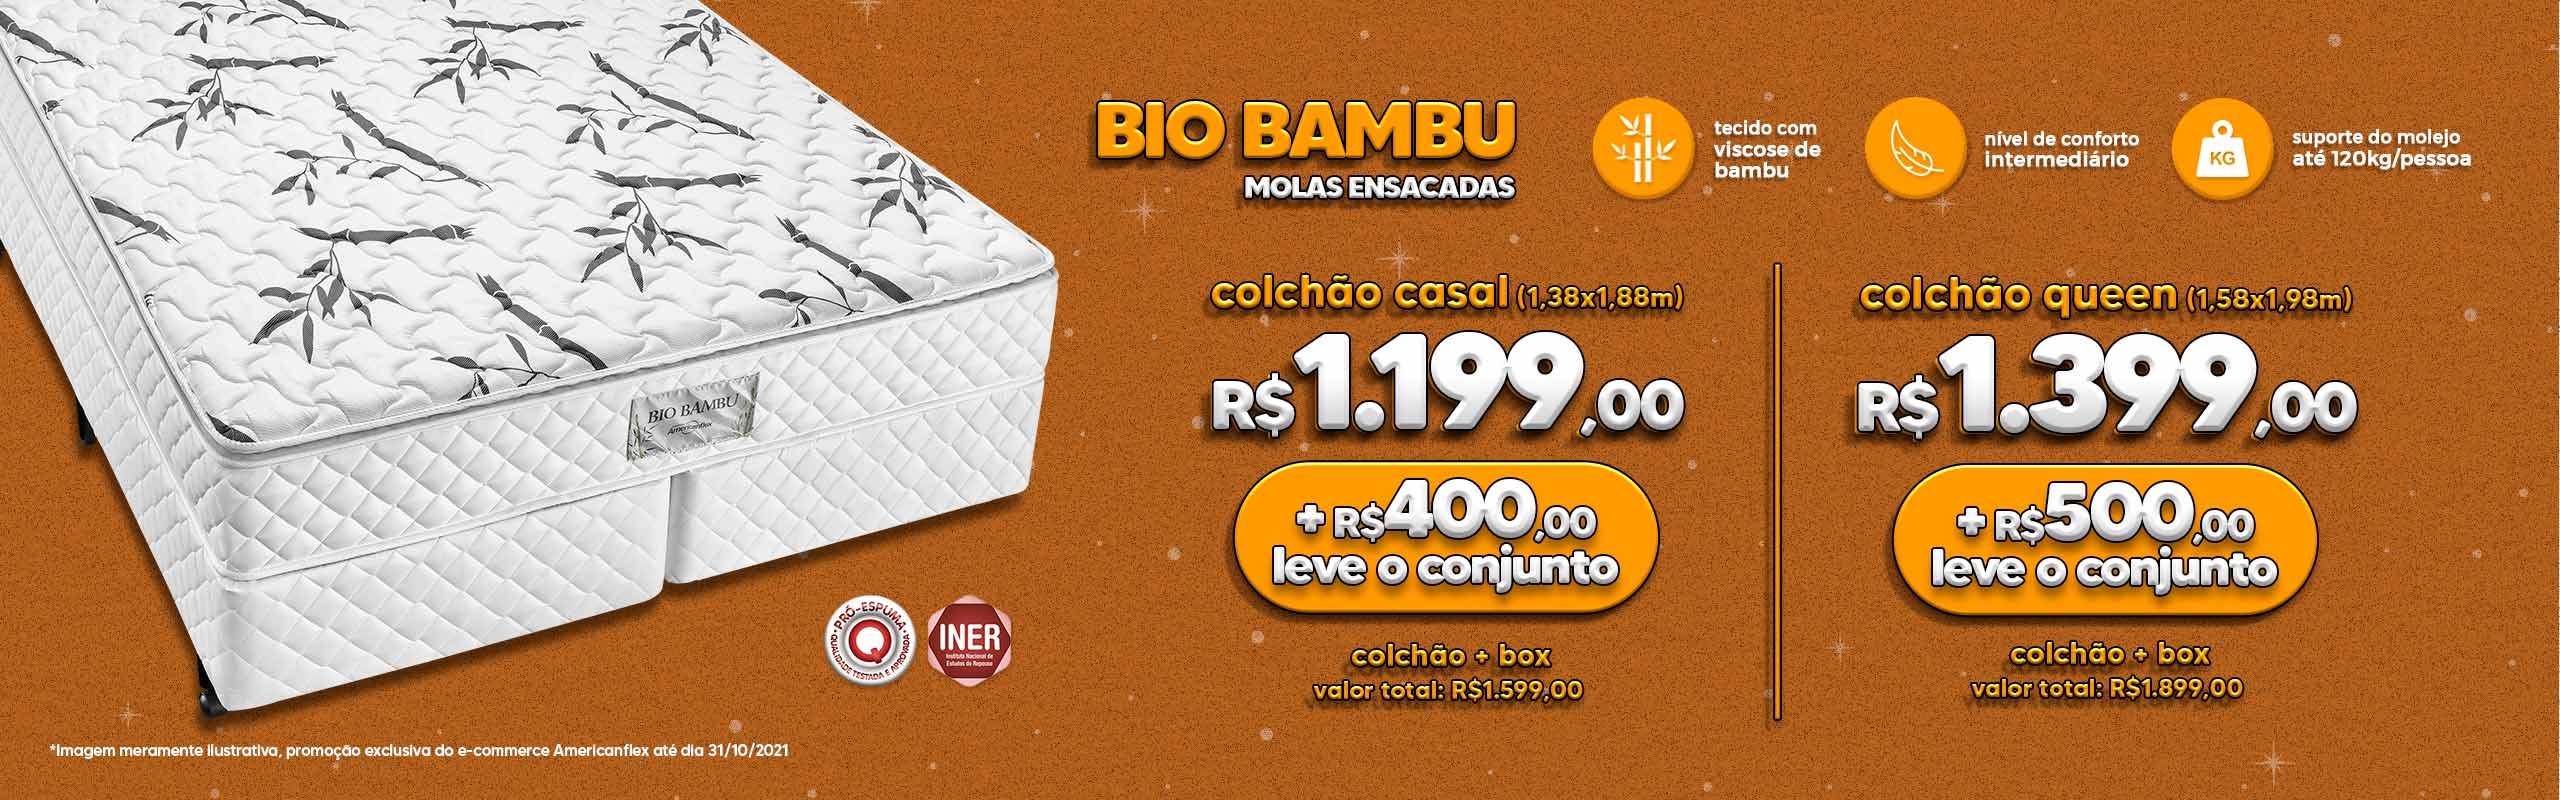 Bio Bambu